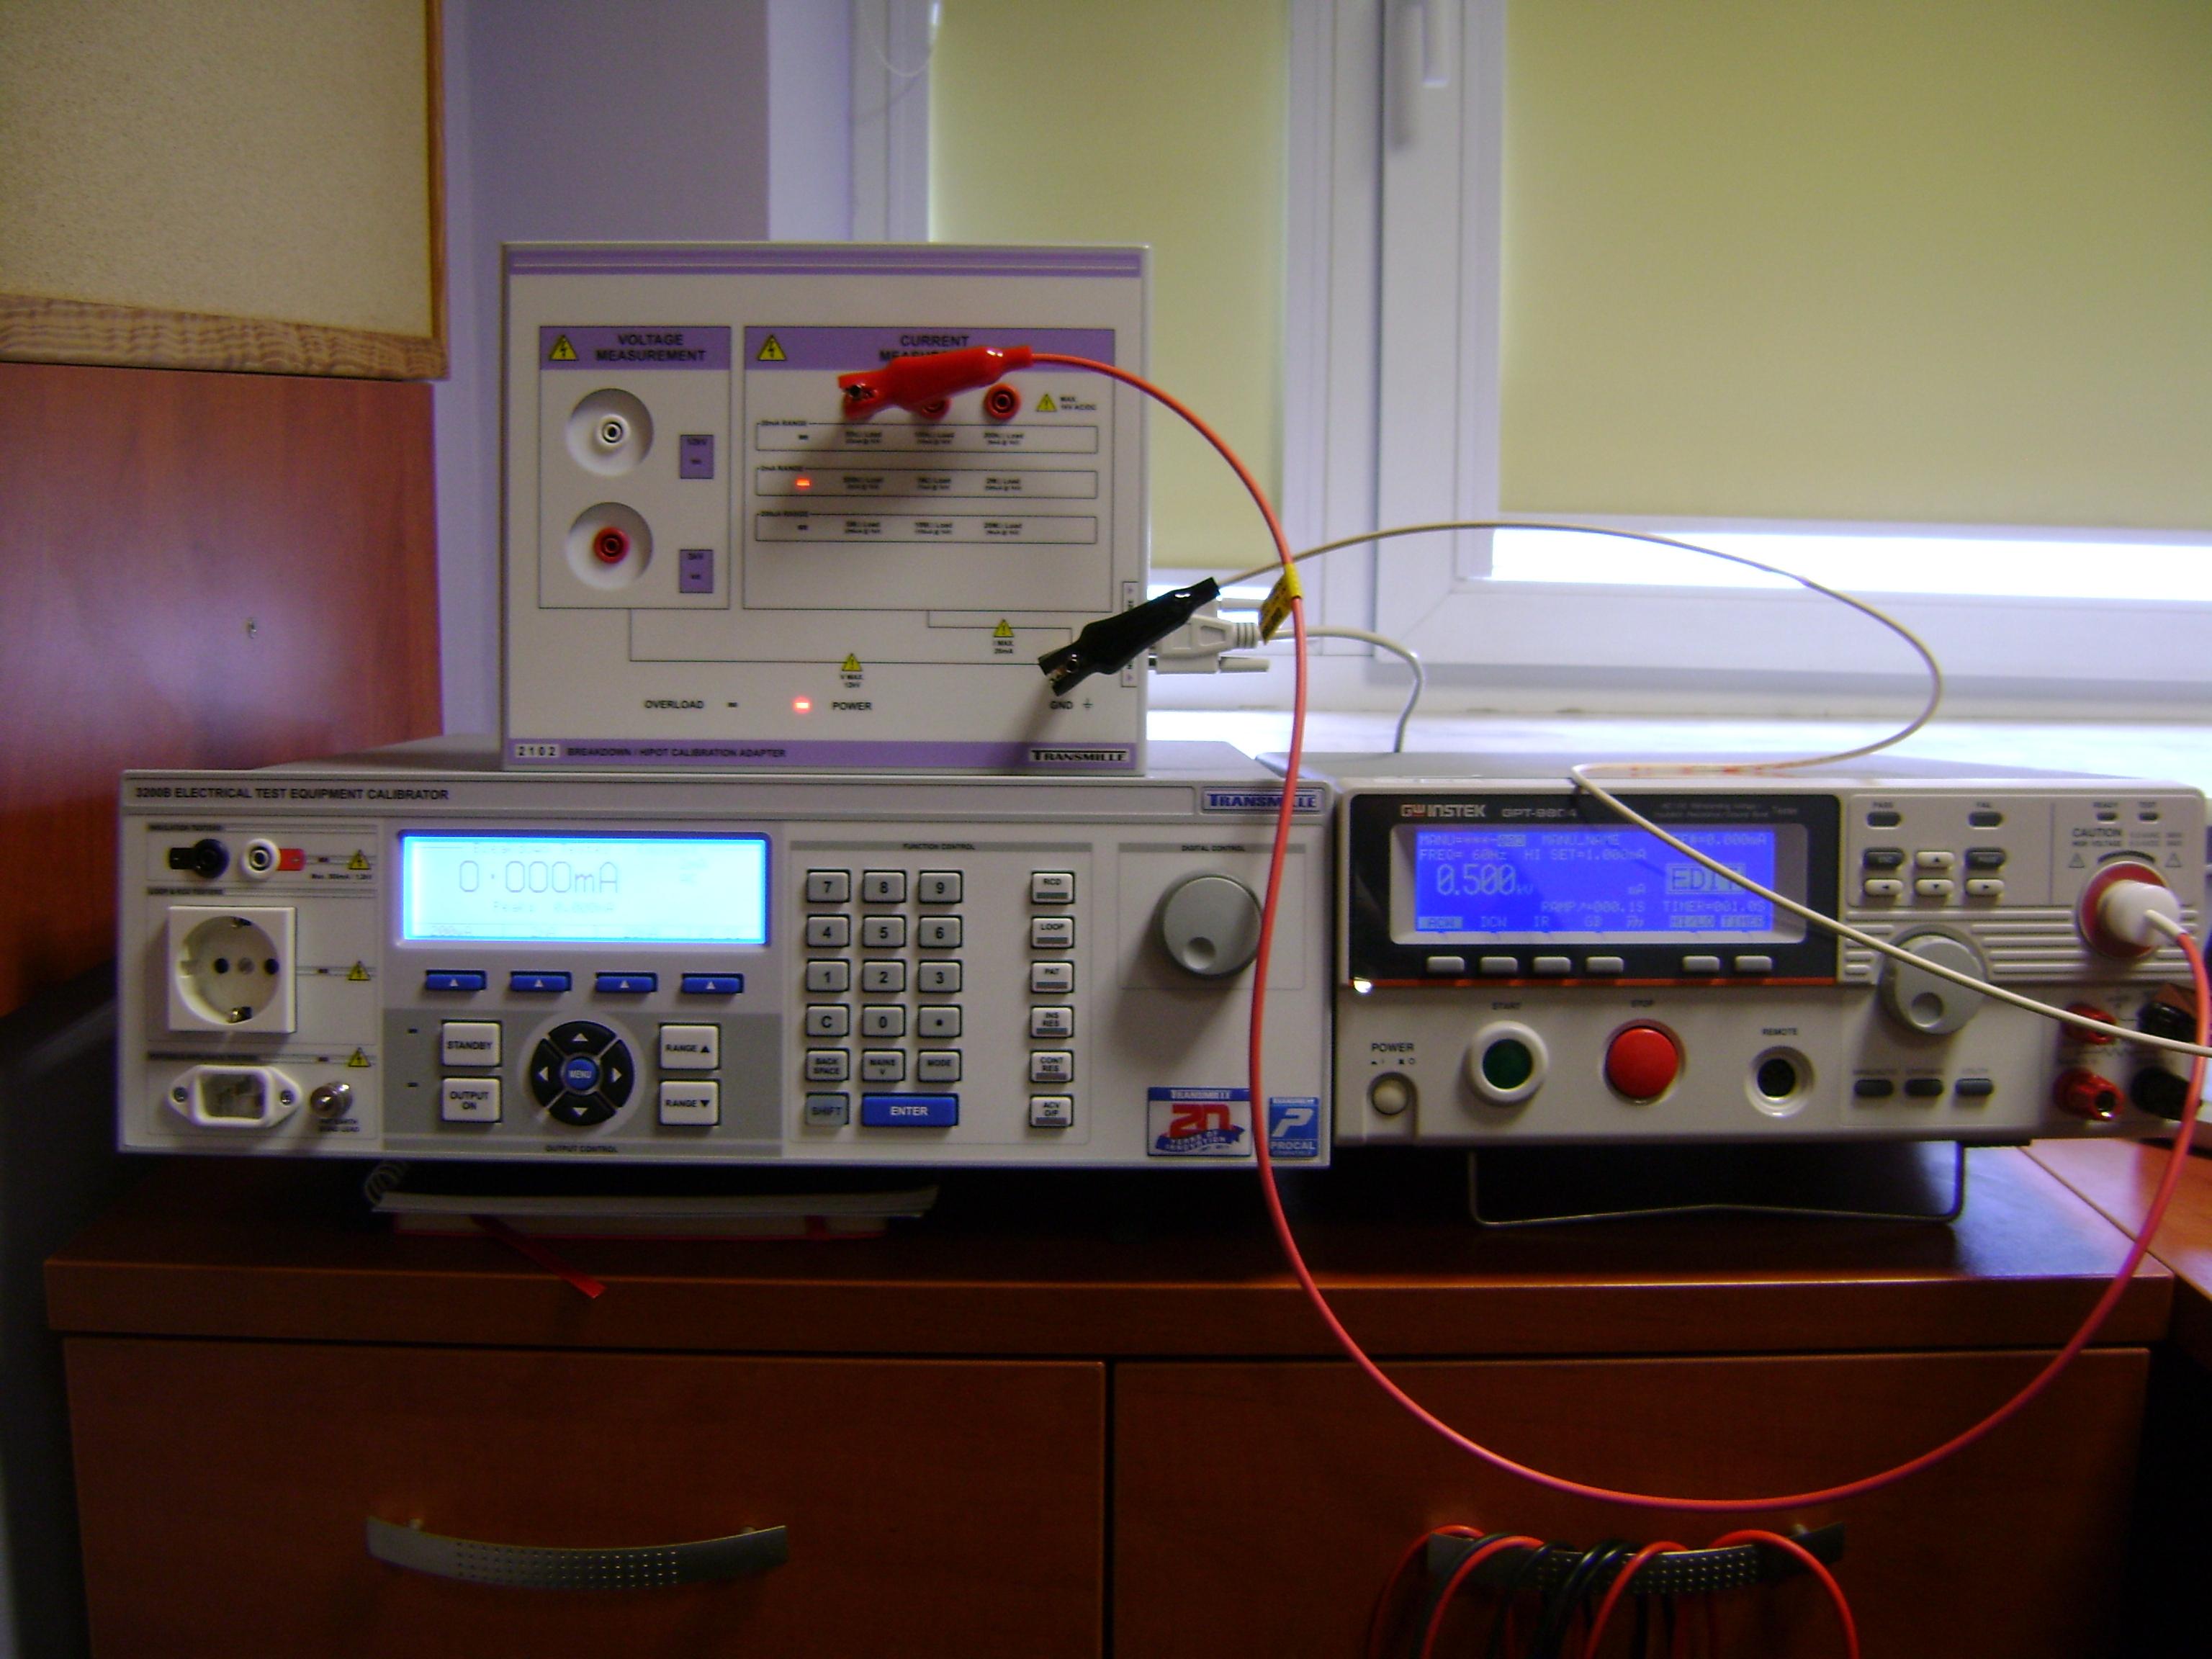 Wzorcowanie / kalibracja testerów wytrzymałości elektrycznej